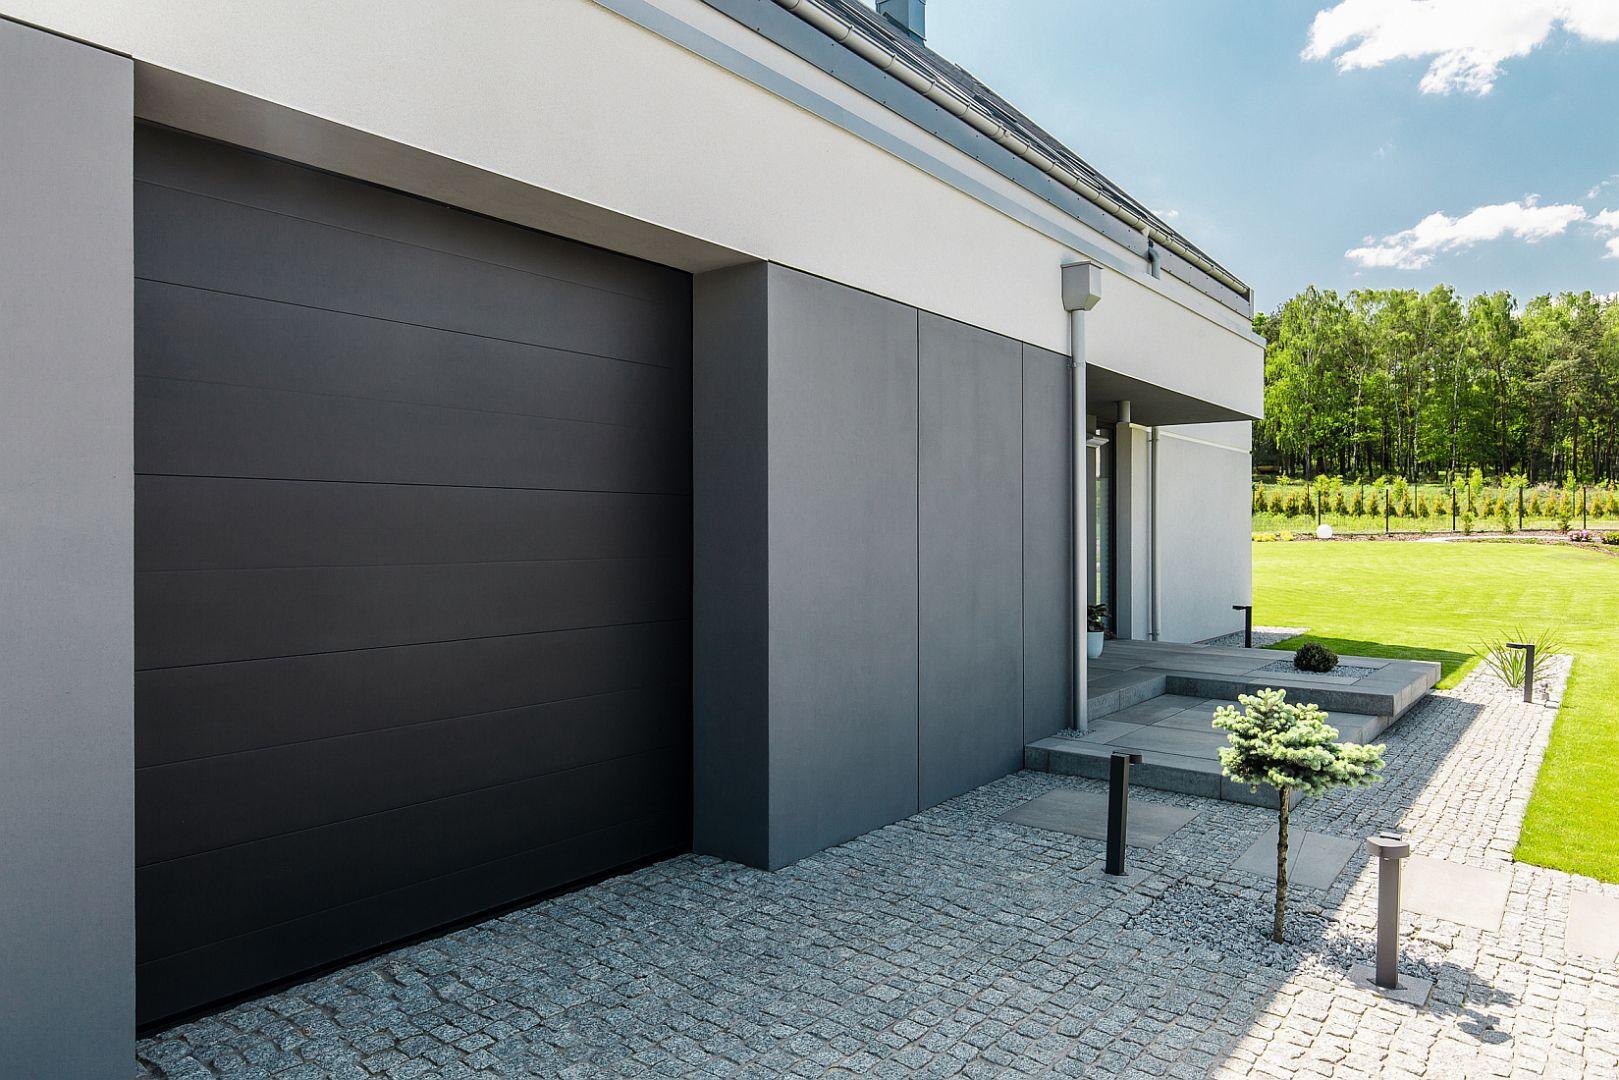 Przy wyborze bramy garażowej ważne są zarówno wysokie parametry techniczne, a także dopasowanie jej wyglądu do elewacji budynku, rodzaju okien oraz drzwi. Fot. BFT